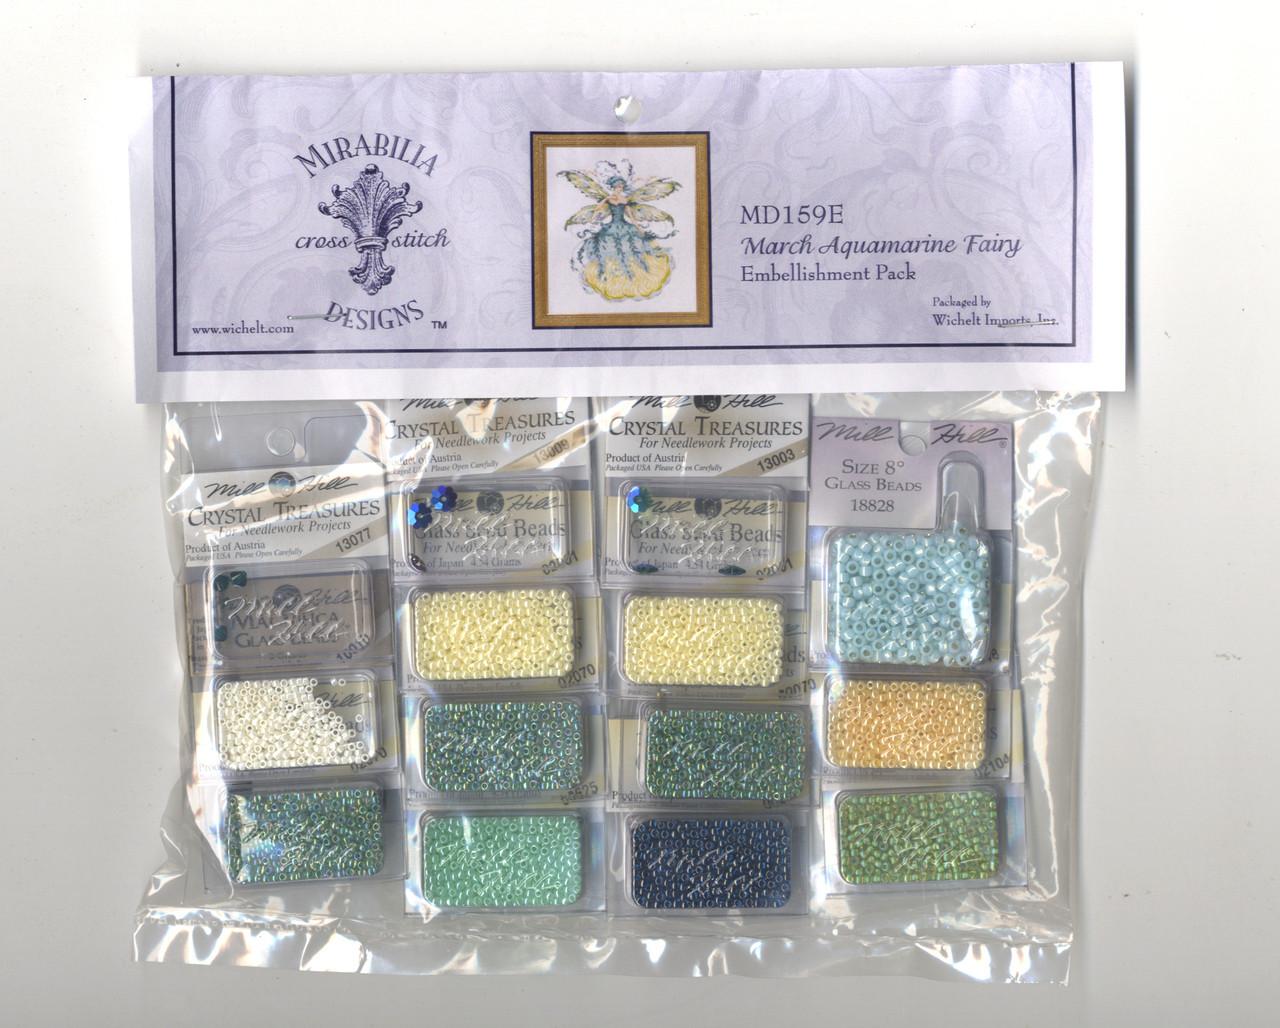 Mirabilia Embellishment Pack - March Aquamarine Fairy